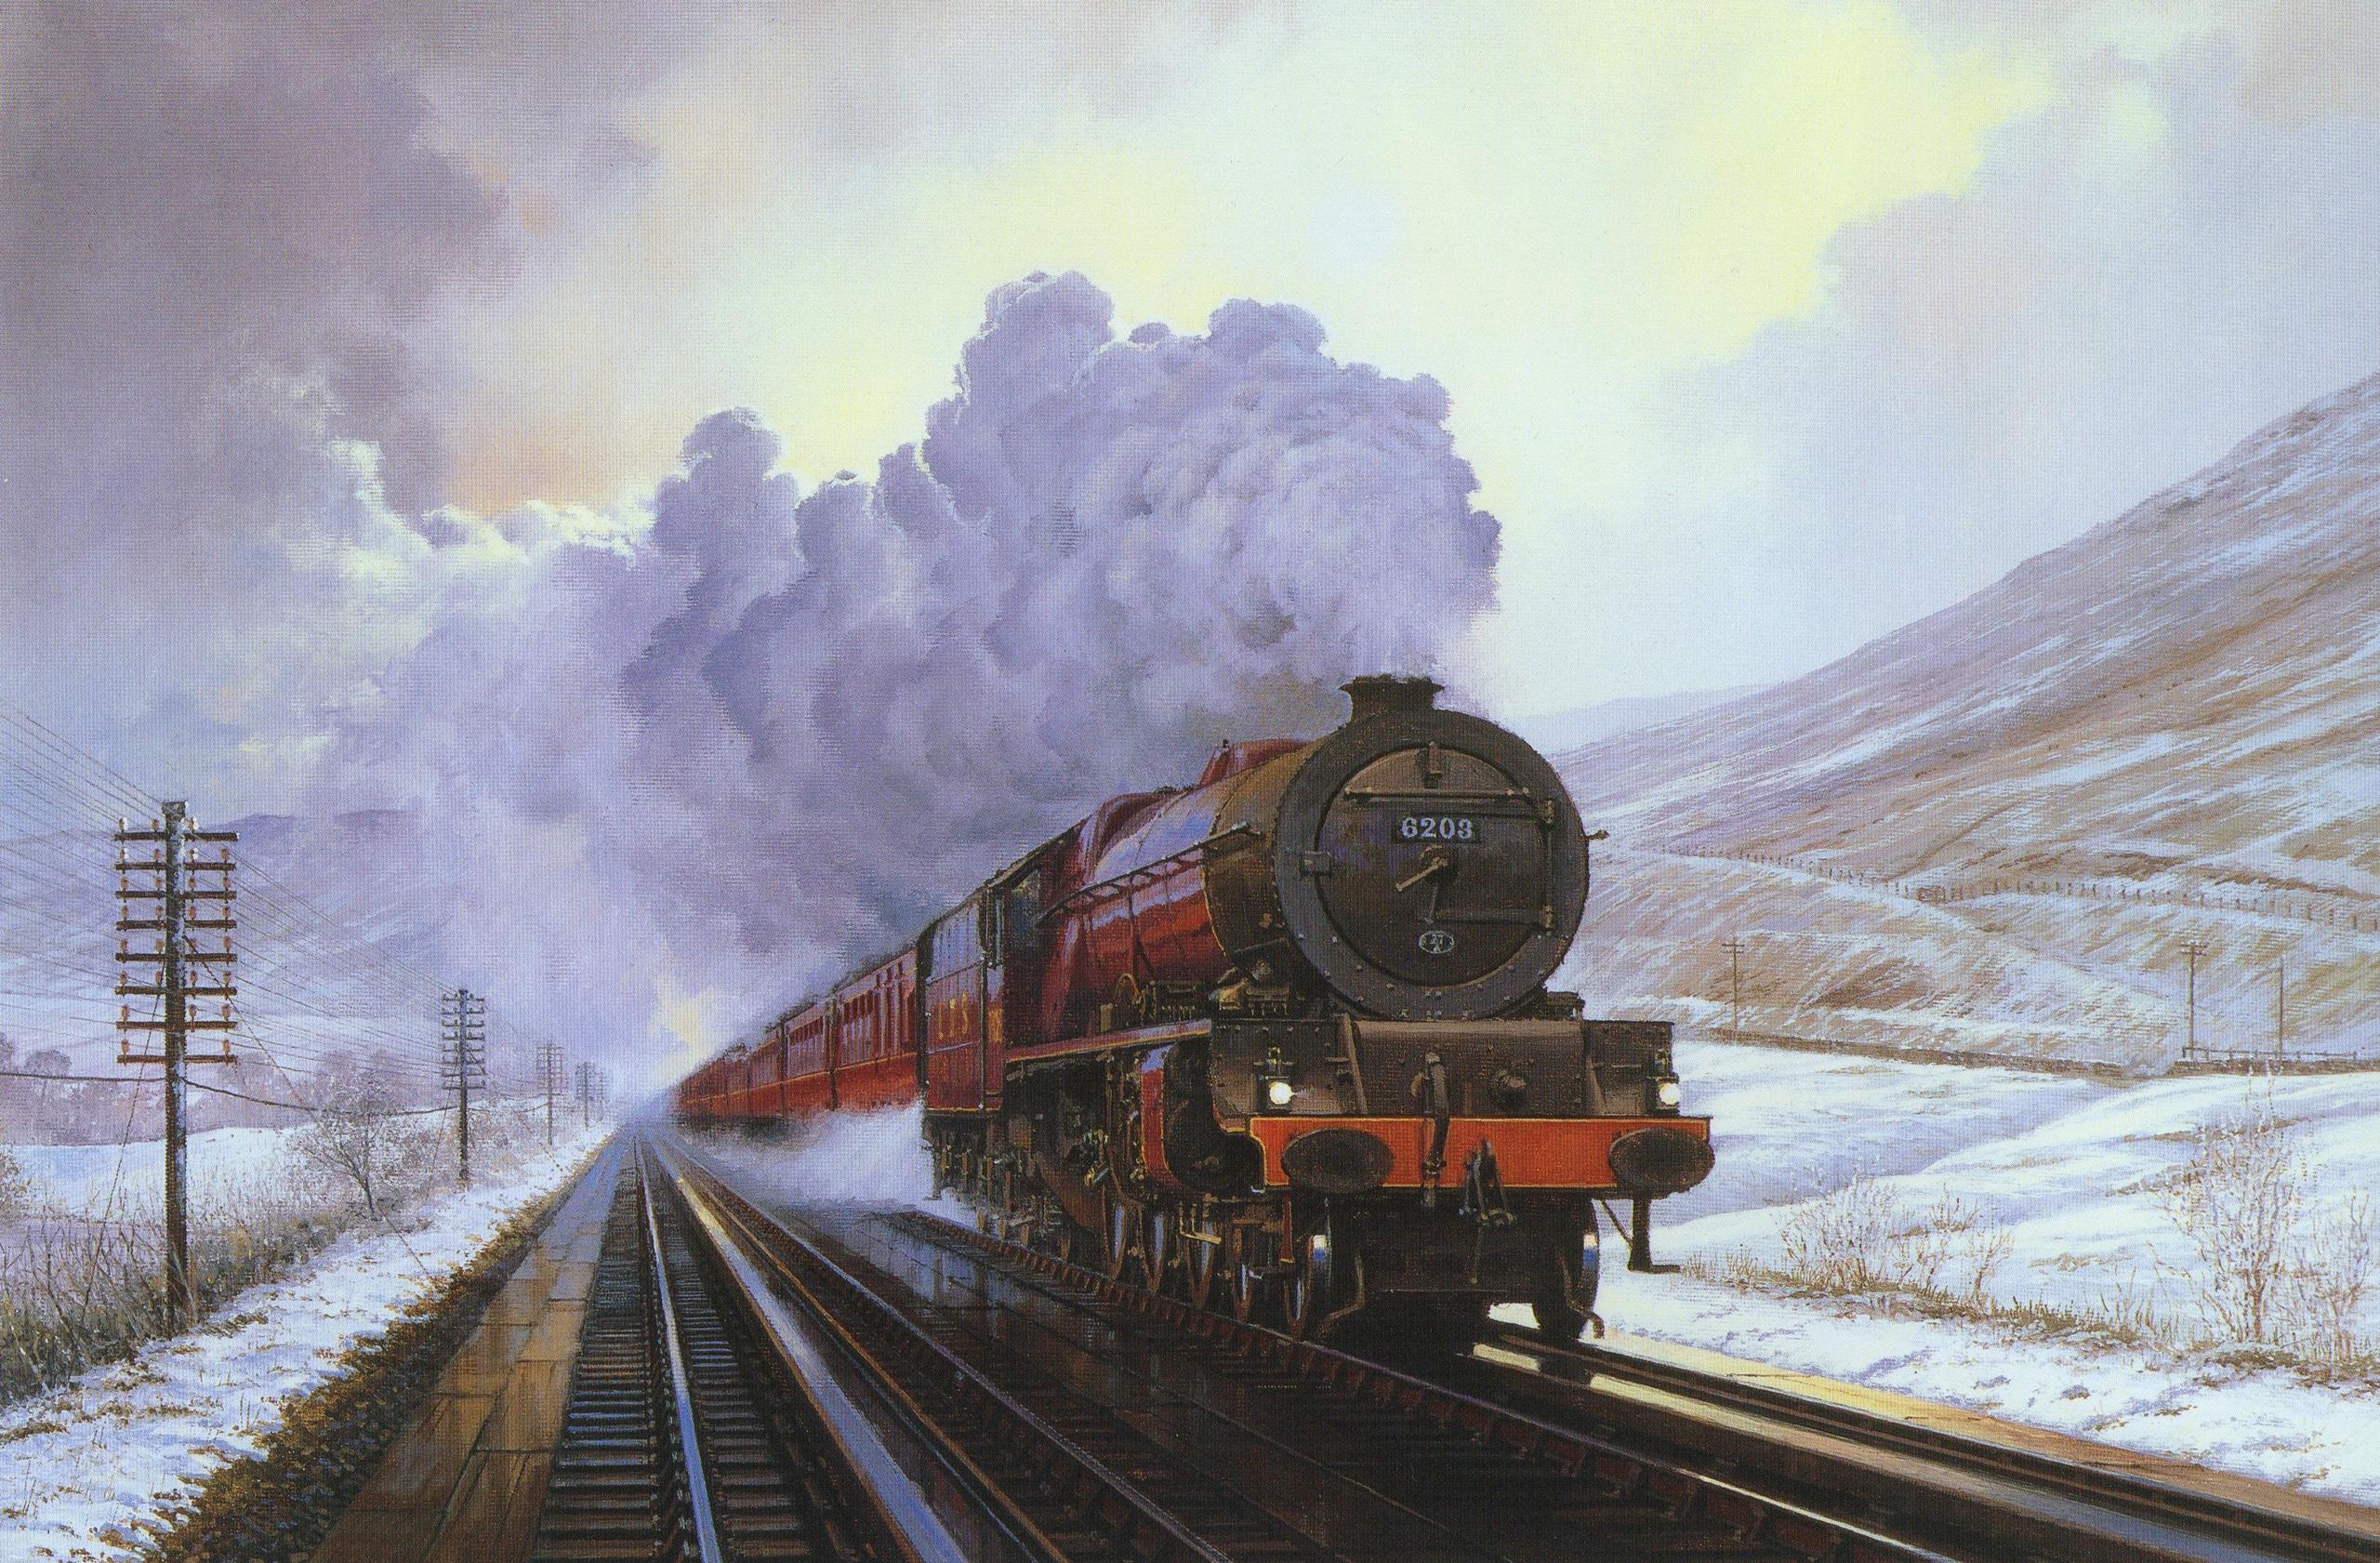 77660 Hintergrundbild herunterladen Winterreifen, Kunst, Raucher, Schnee, Malerei, Segeltuch, Leinwand, Ein Zug, Zug - Bildschirmschoner und Bilder kostenlos